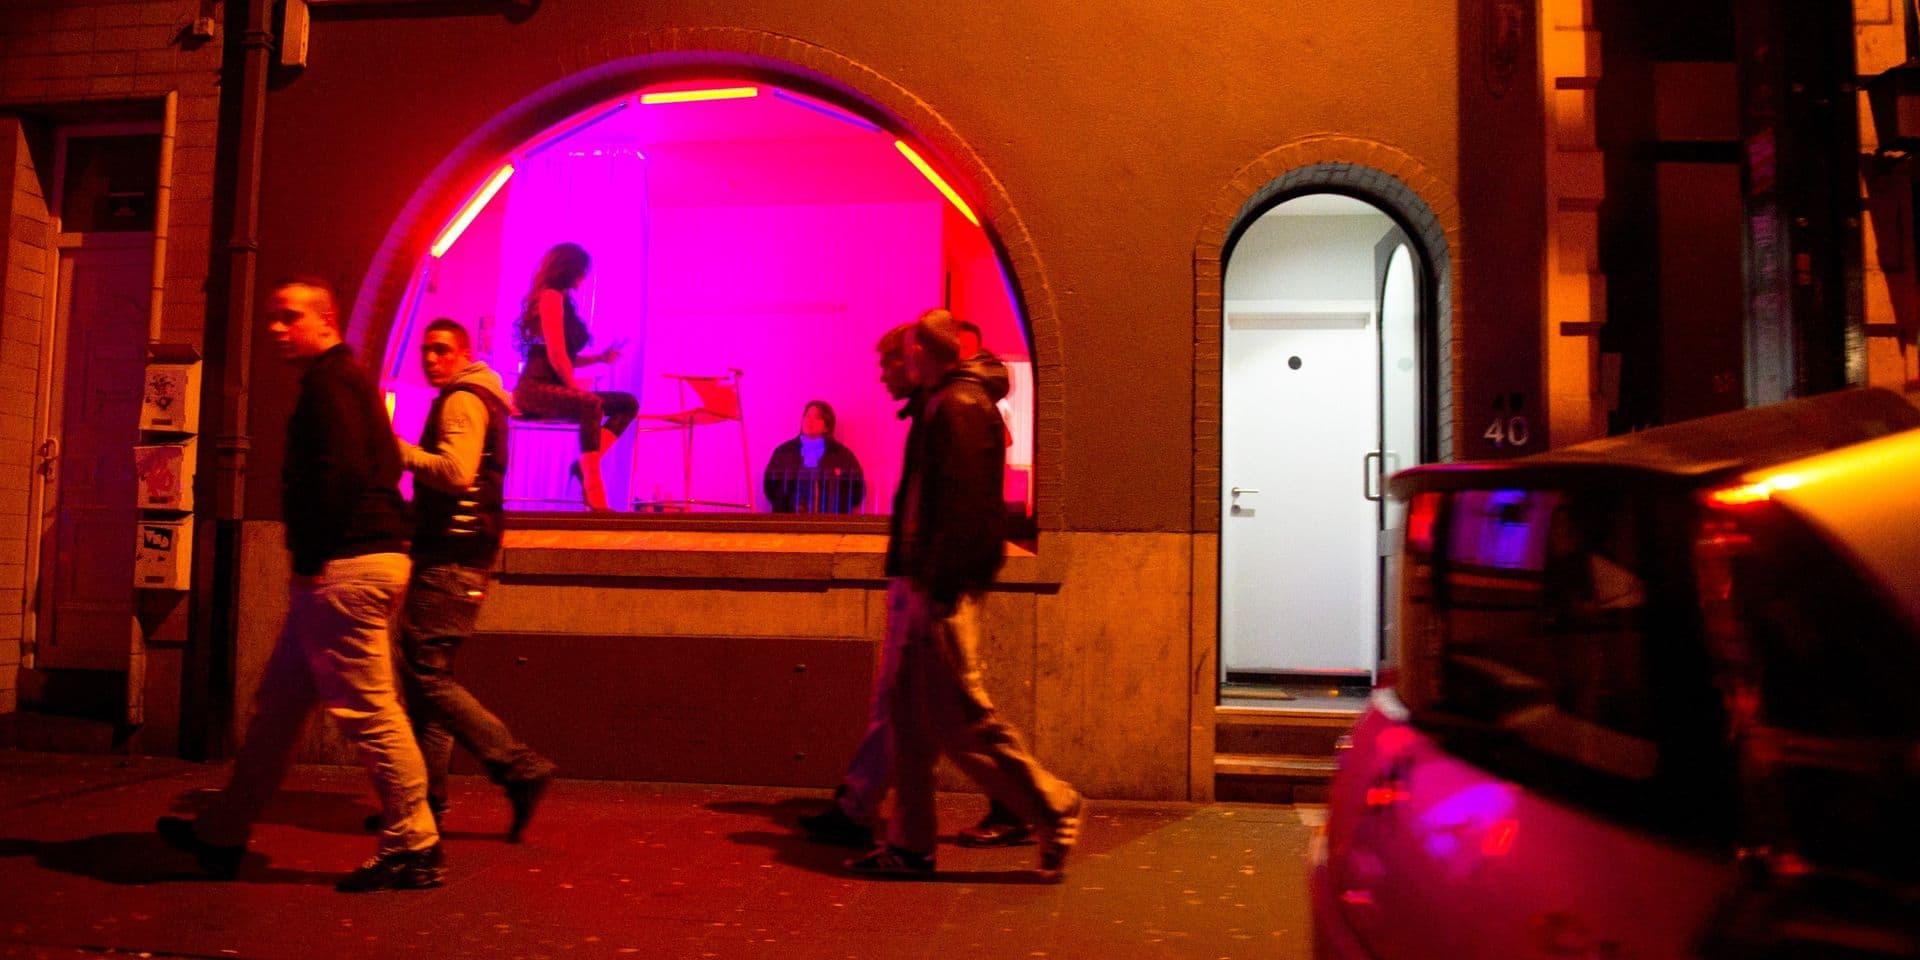 Quartier Nord : Fausse bonne nouvelle pour les travailleuses du sexe qui ont cru à une reprise 24h/24